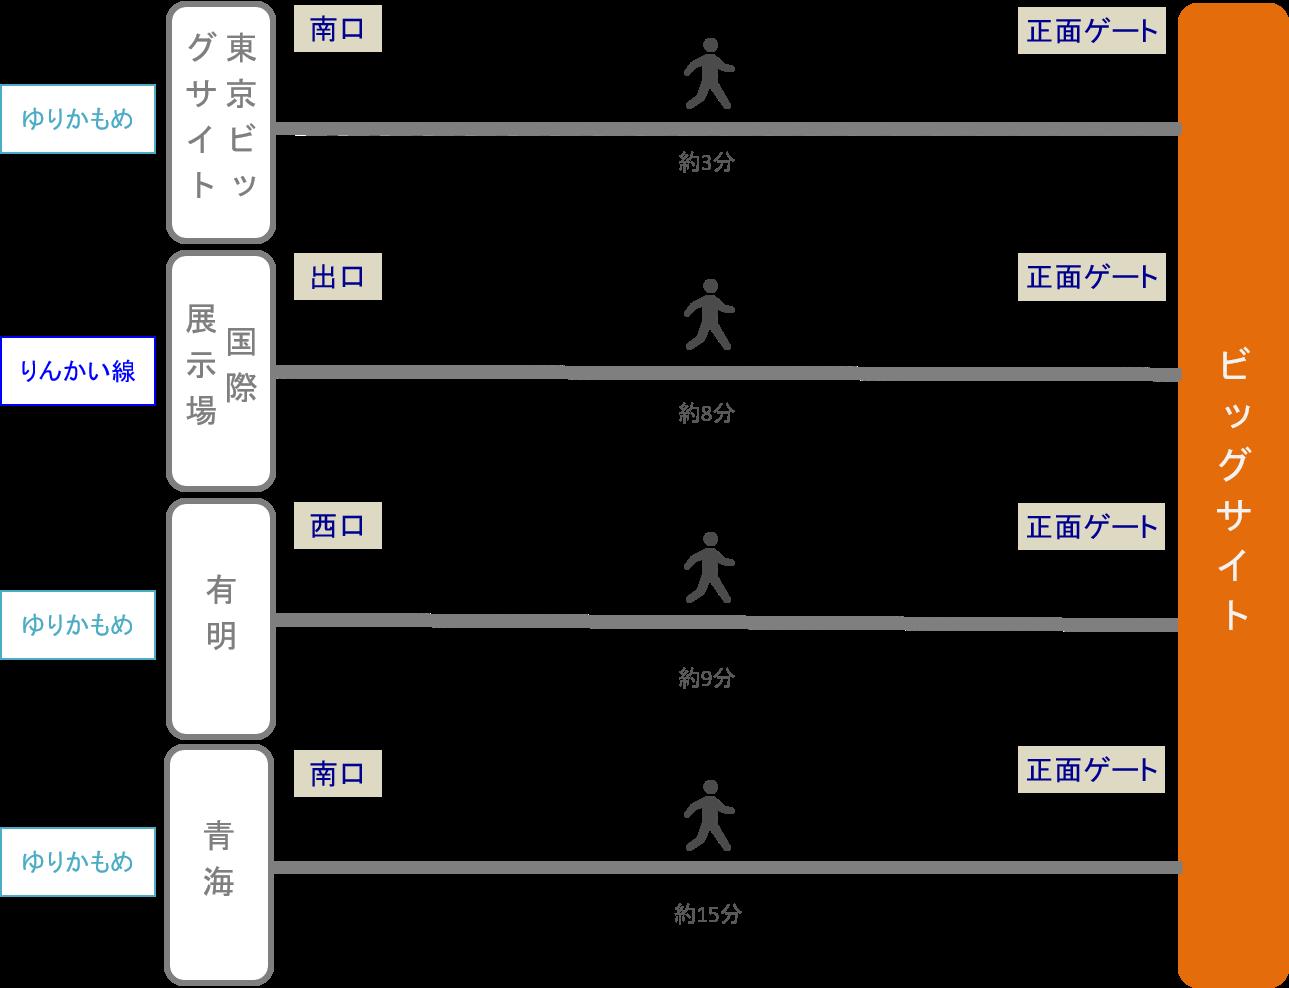 東京ビッグサイト_最寄り駅